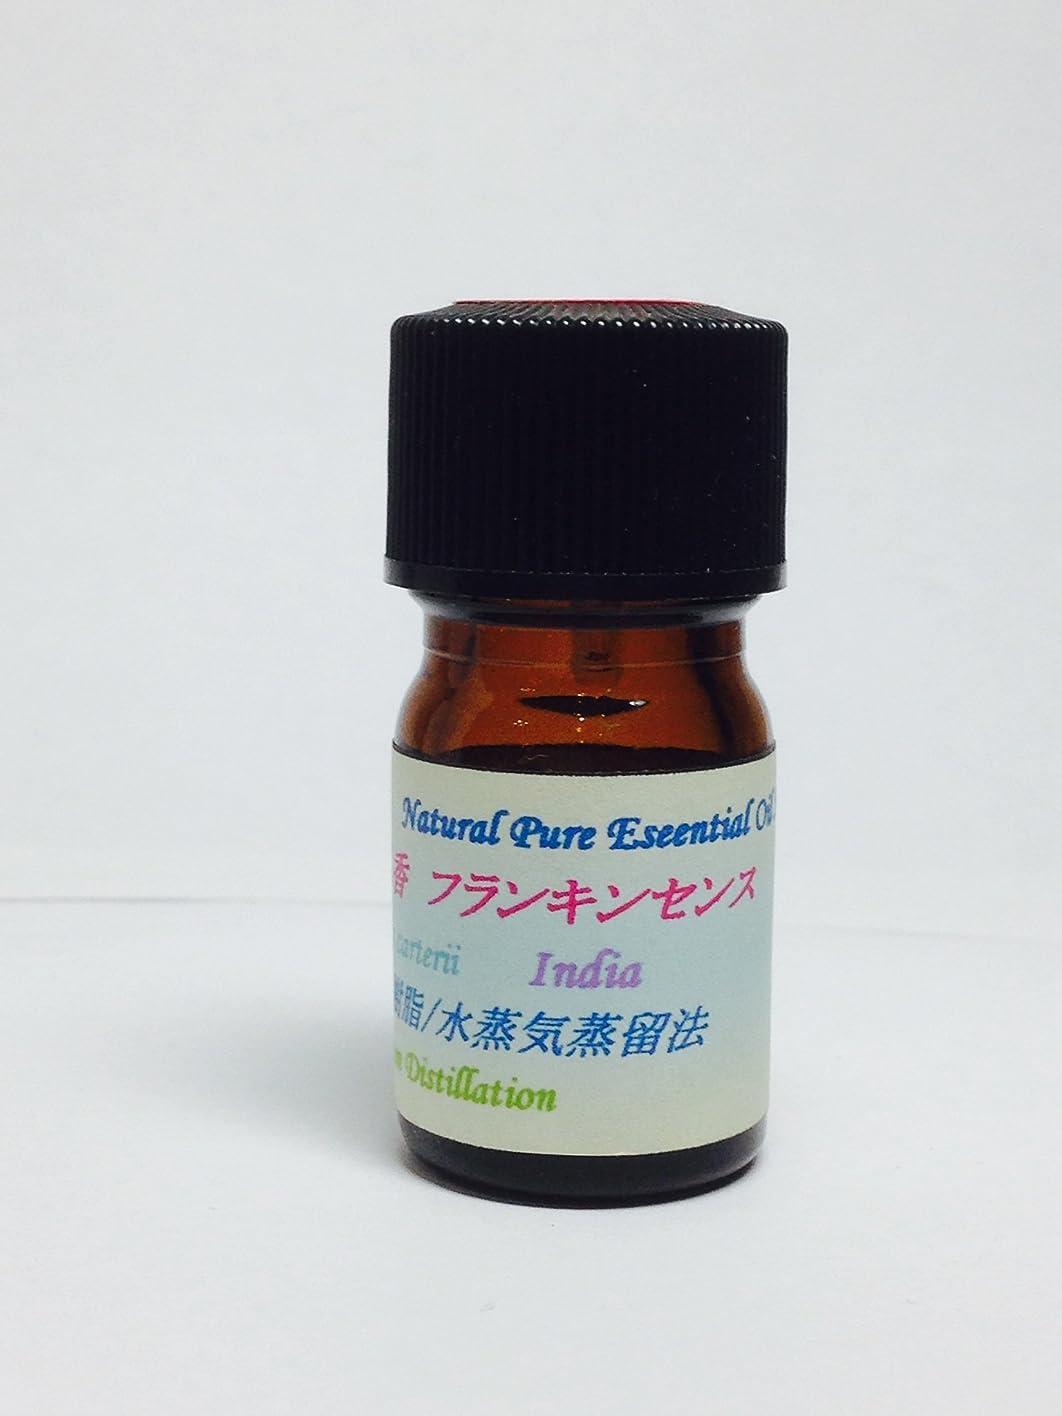 委員長委任するレイアウトフランキンセンス (オリバナム) エッセンシャルオイル 乳香 精油 10ml